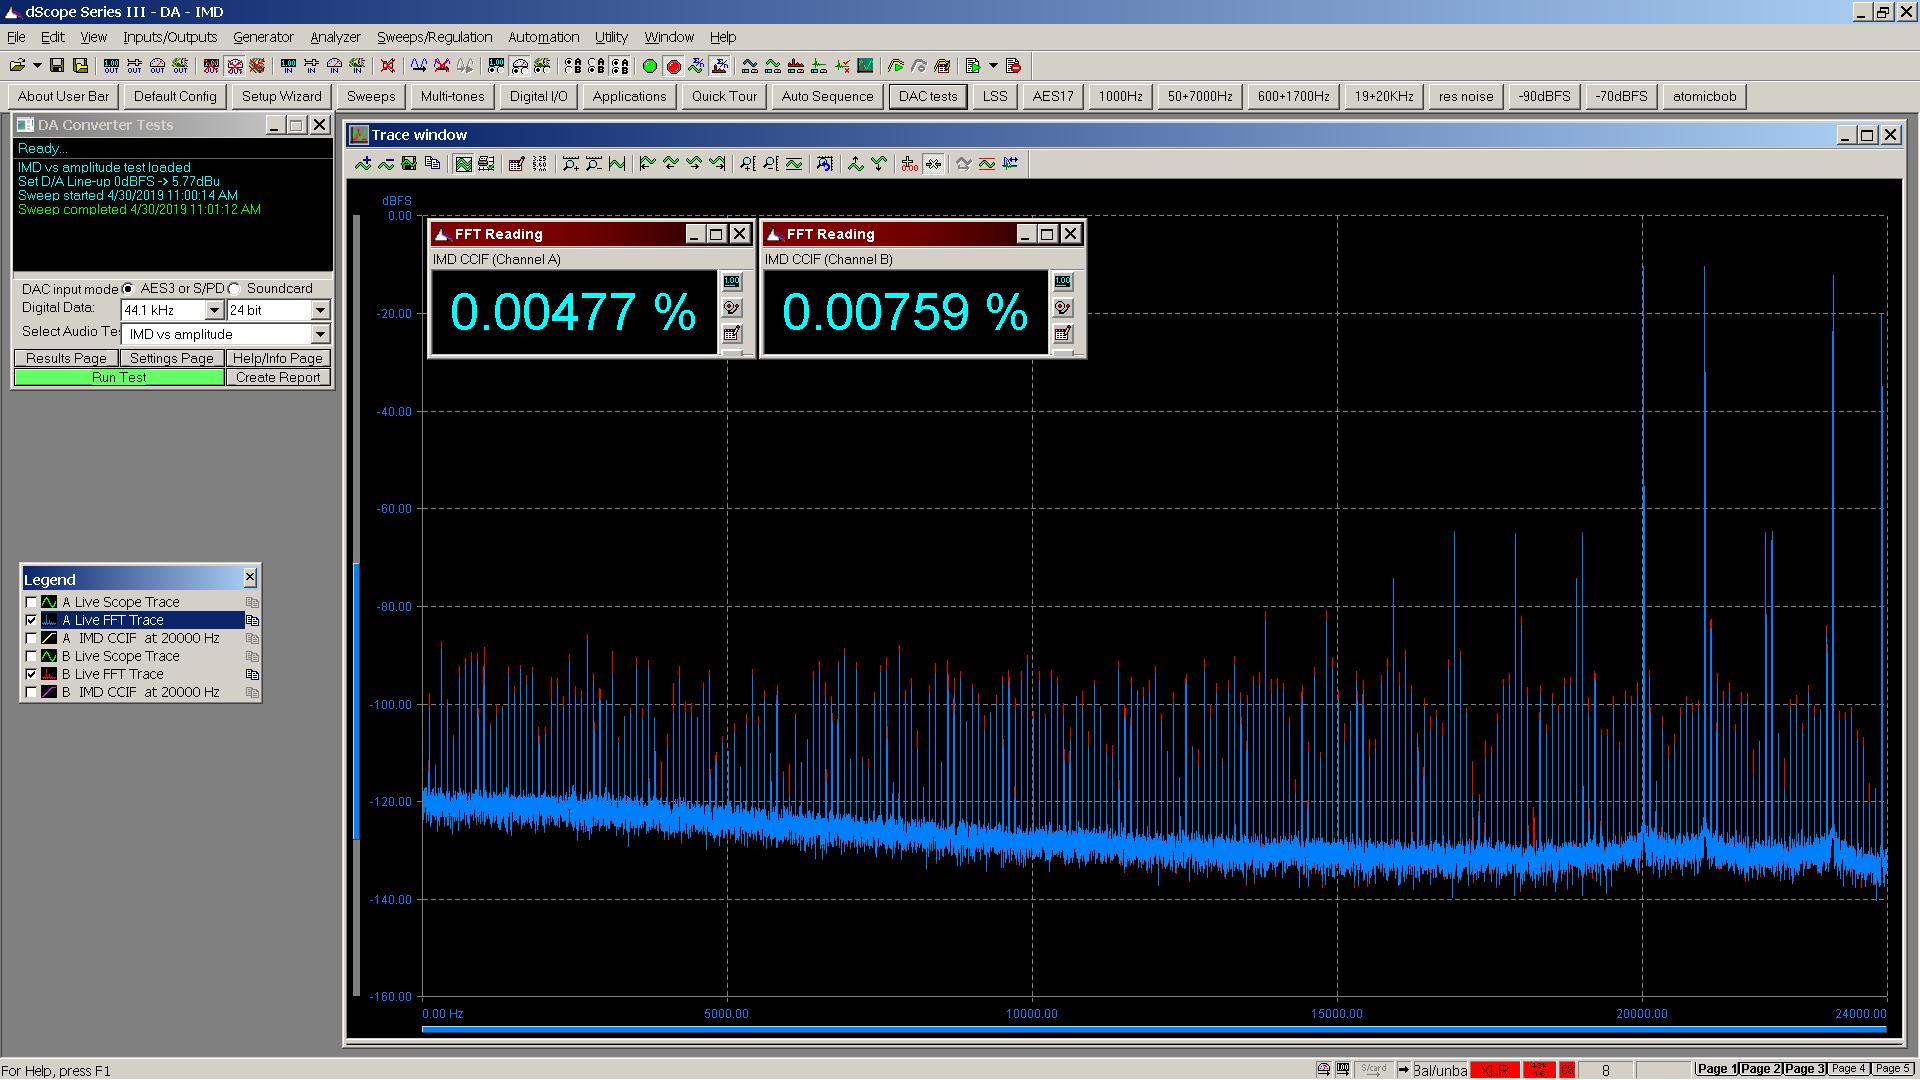 20190429-04 MOS24 SE IMD spectrum - Opt 44K.PNG